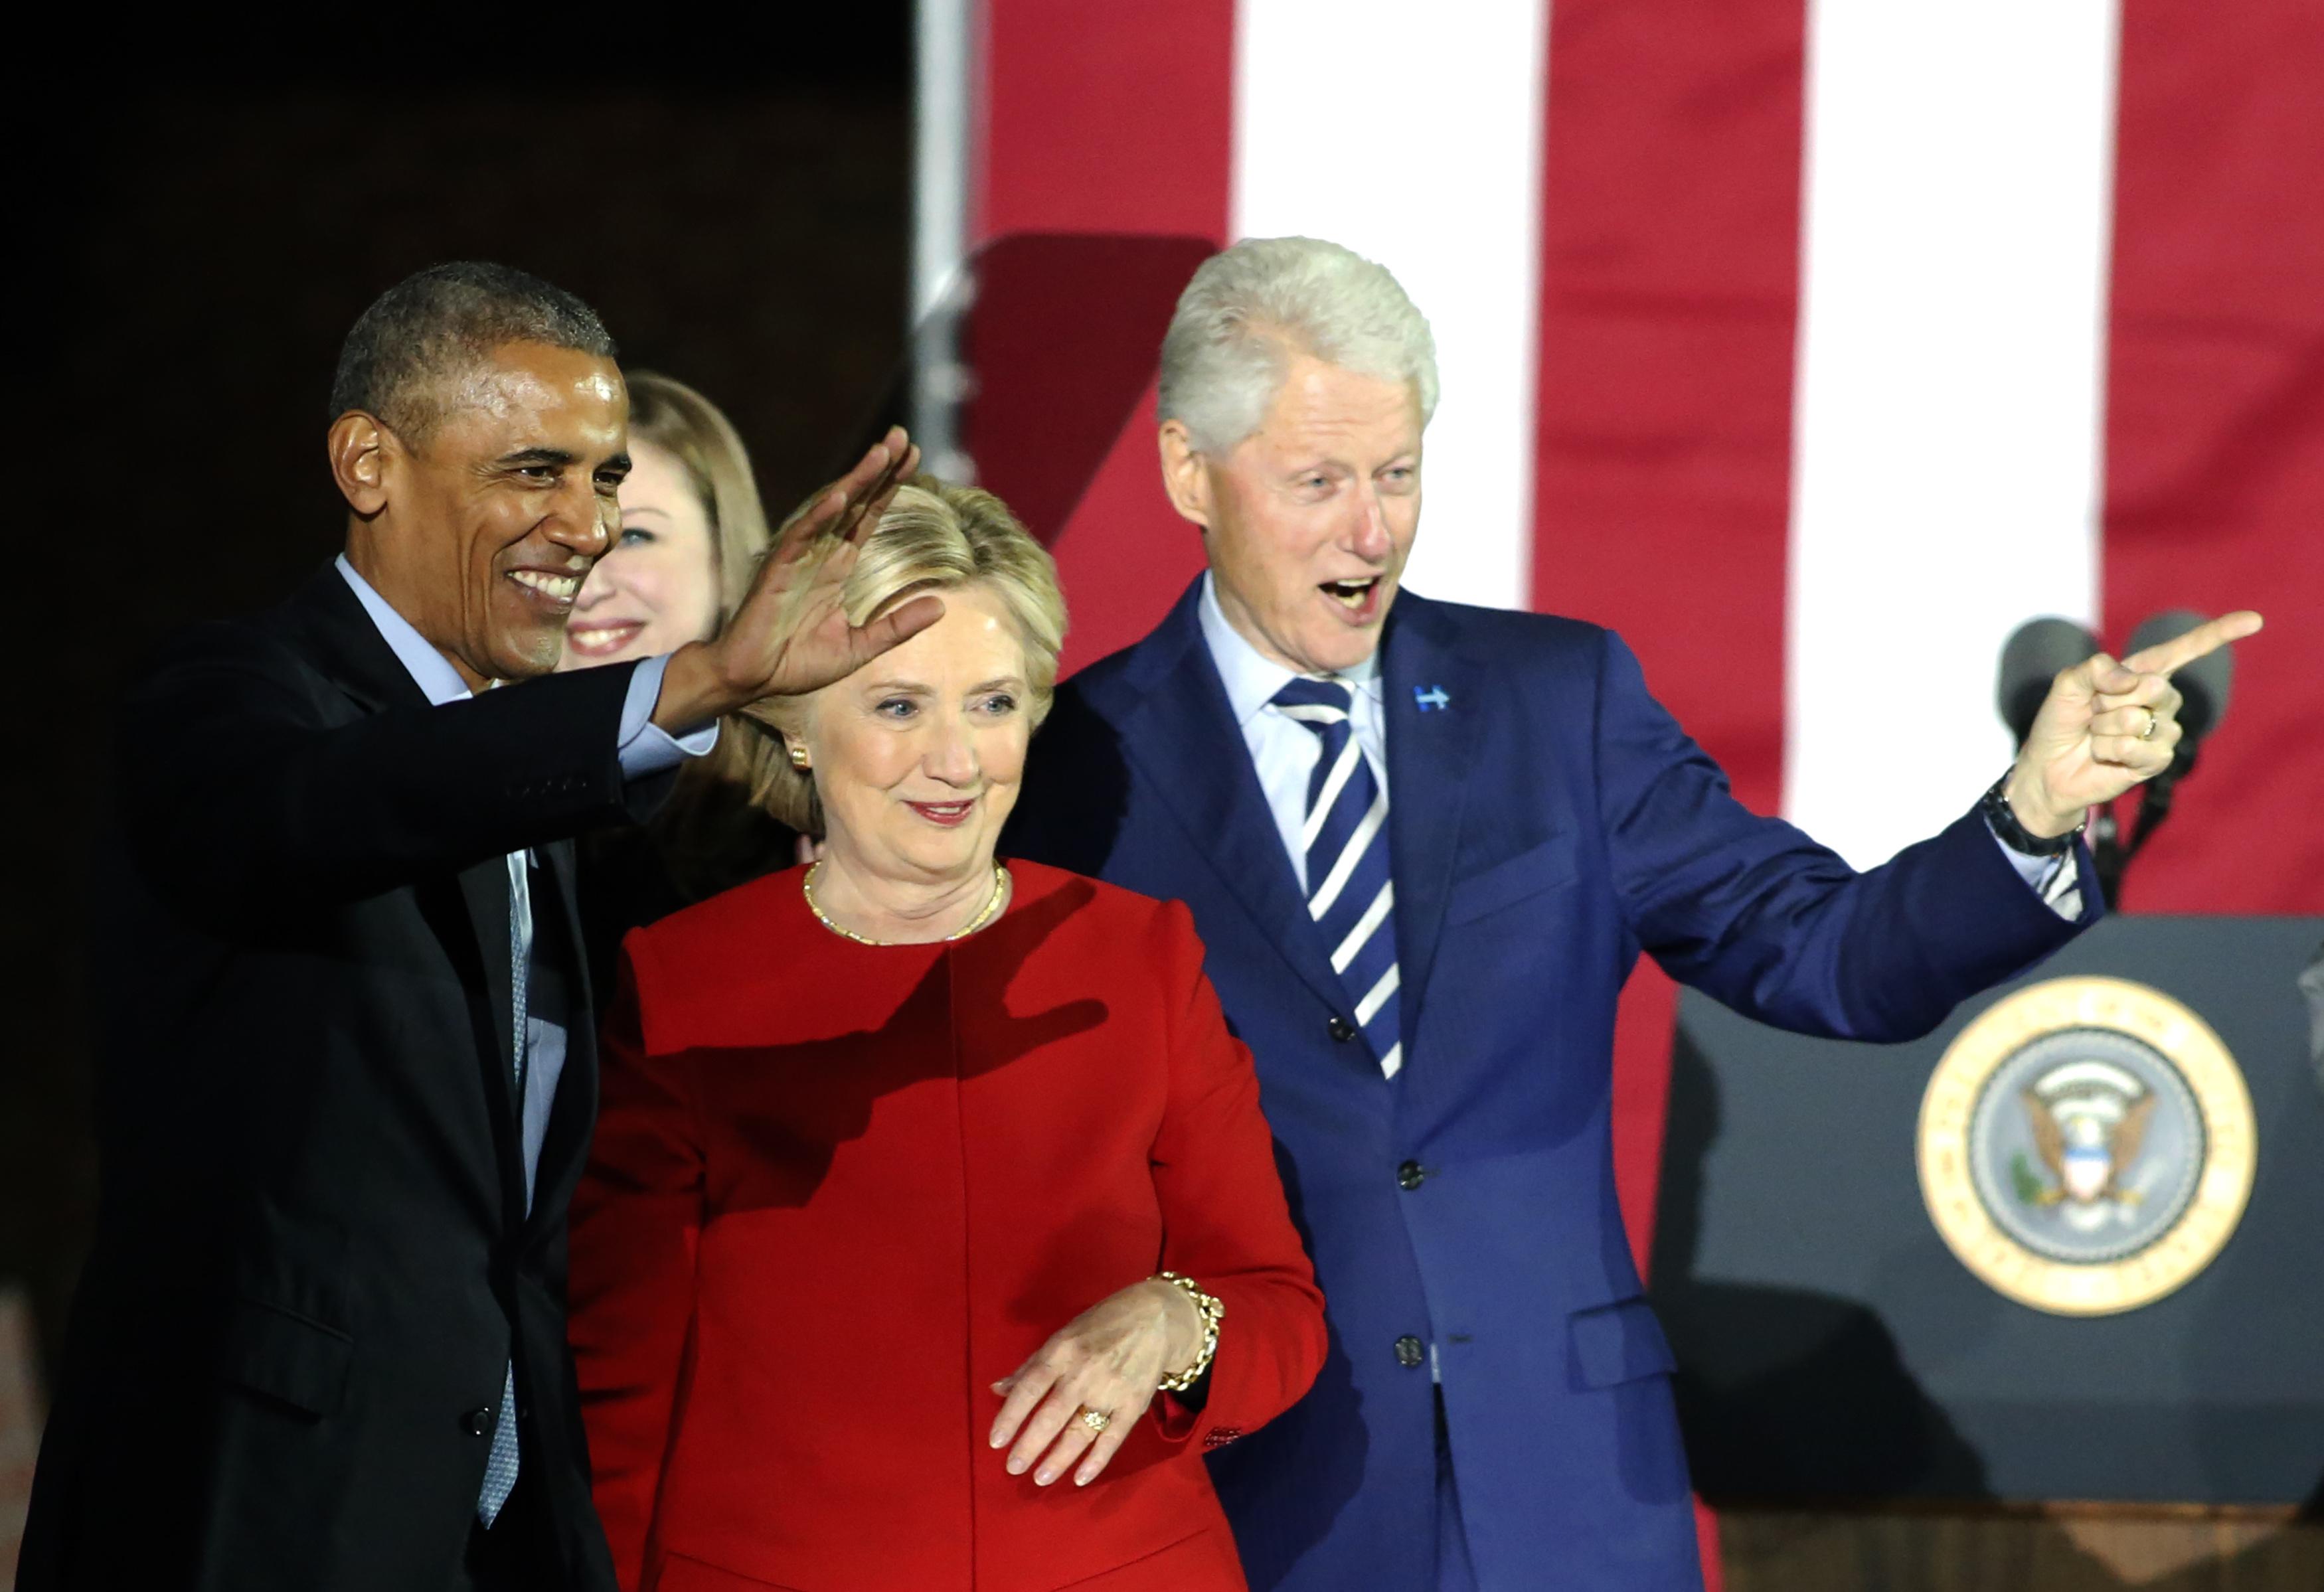 Hasonló szerkezetű bombát küldtek Barack Obama, Bill Clinton és Soros György amerikai otthonába